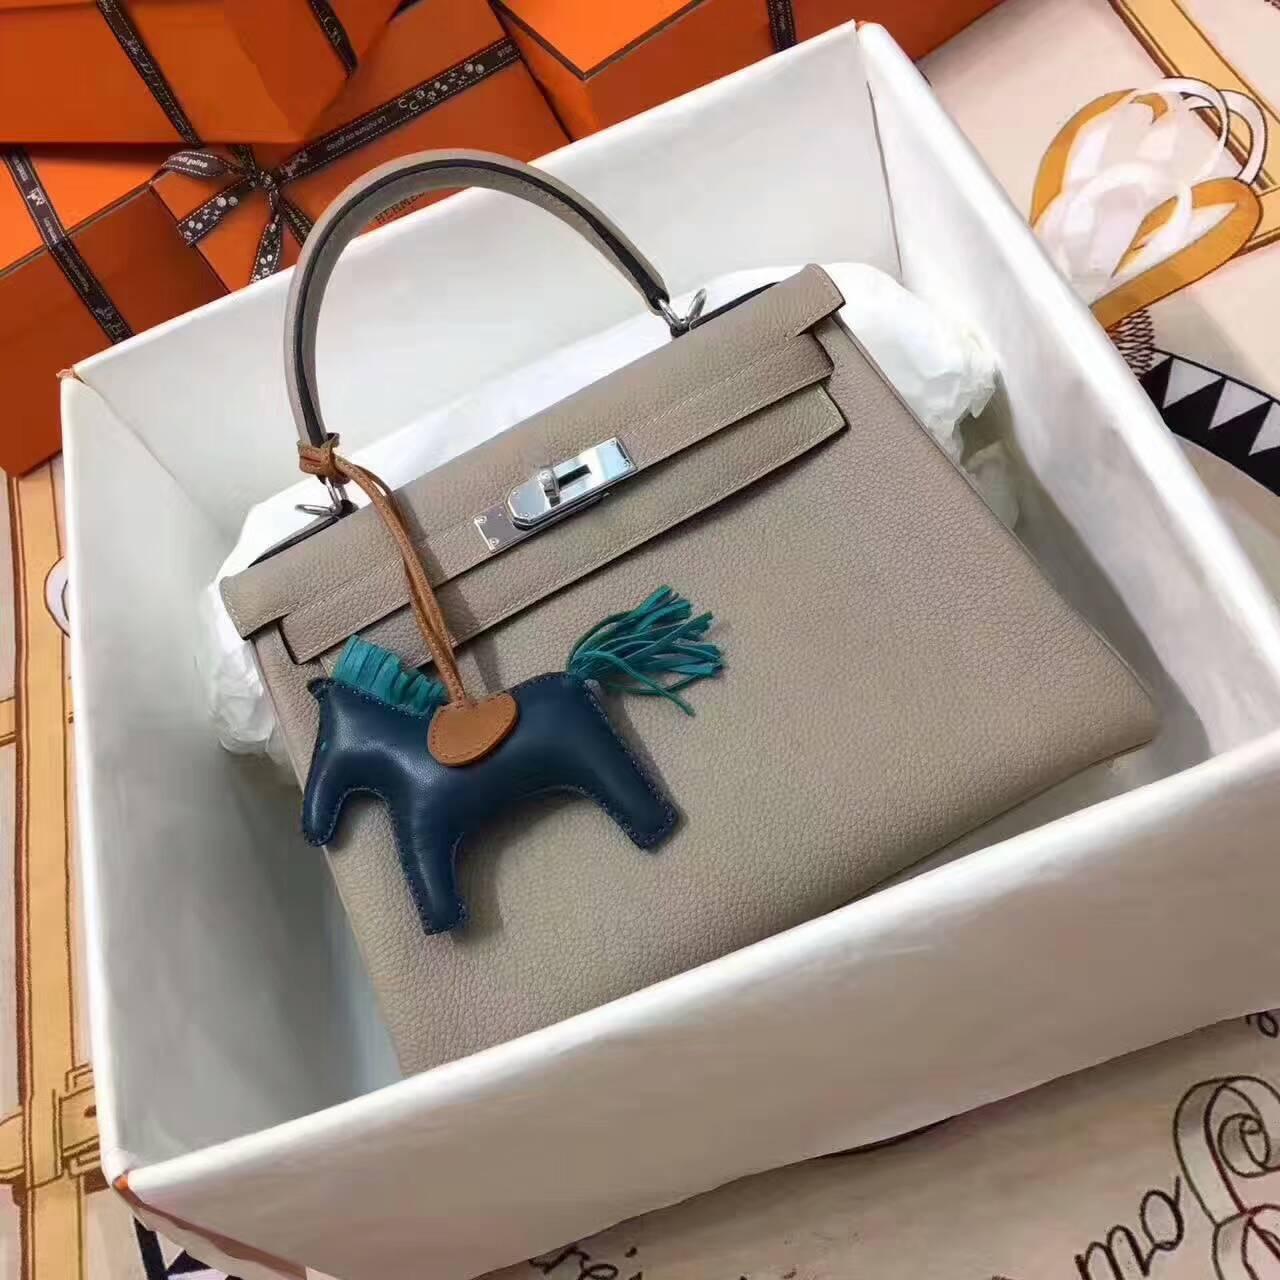 爱马仕凯莉包 Kelly 28cm Togo 法国原产小牛皮 S2 Trench 风衣灰 银扣